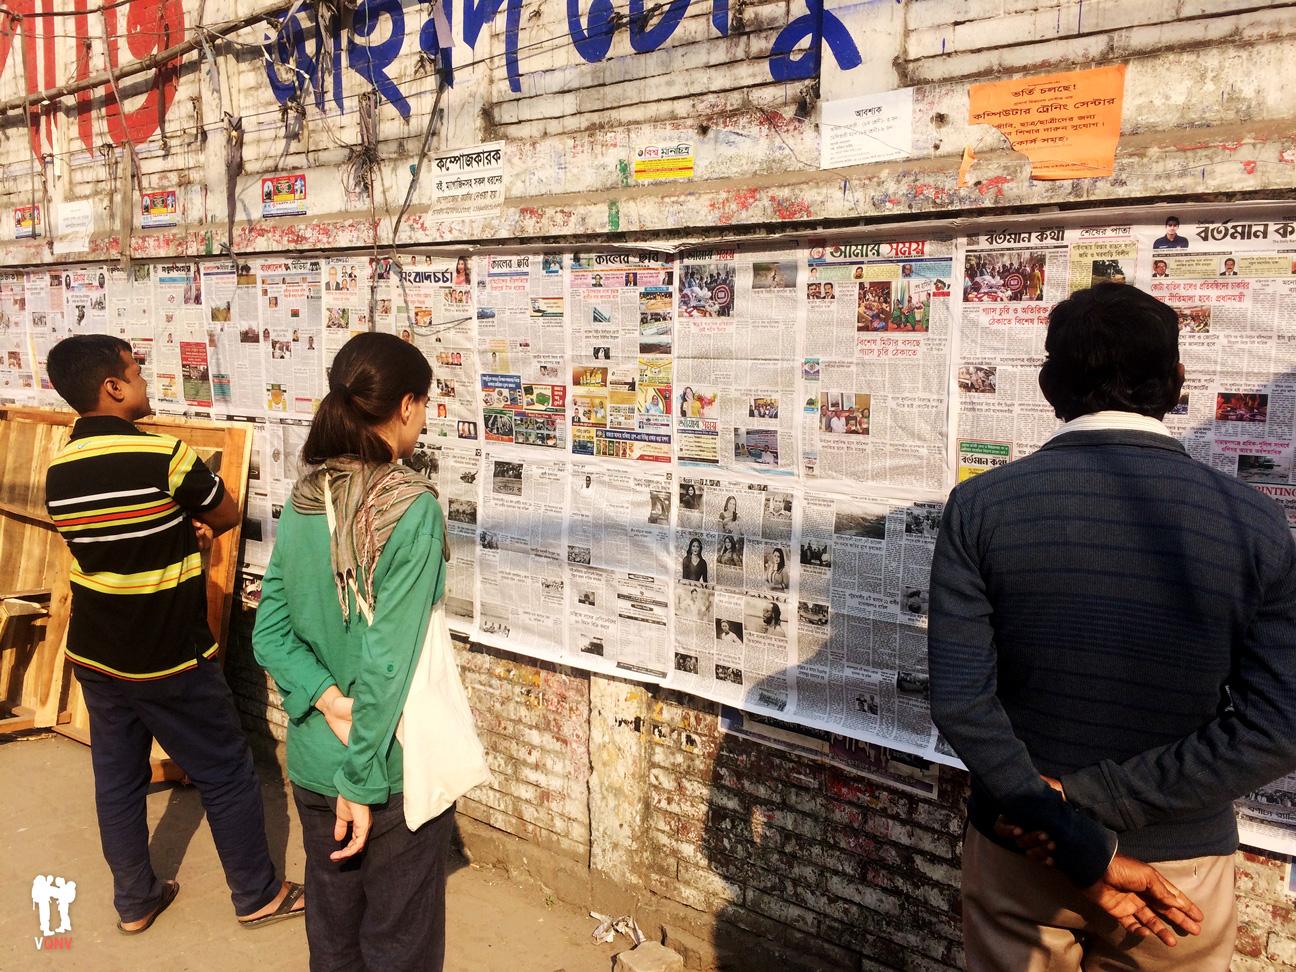 ¡Noticia! Periódicos gratuitos en la calle